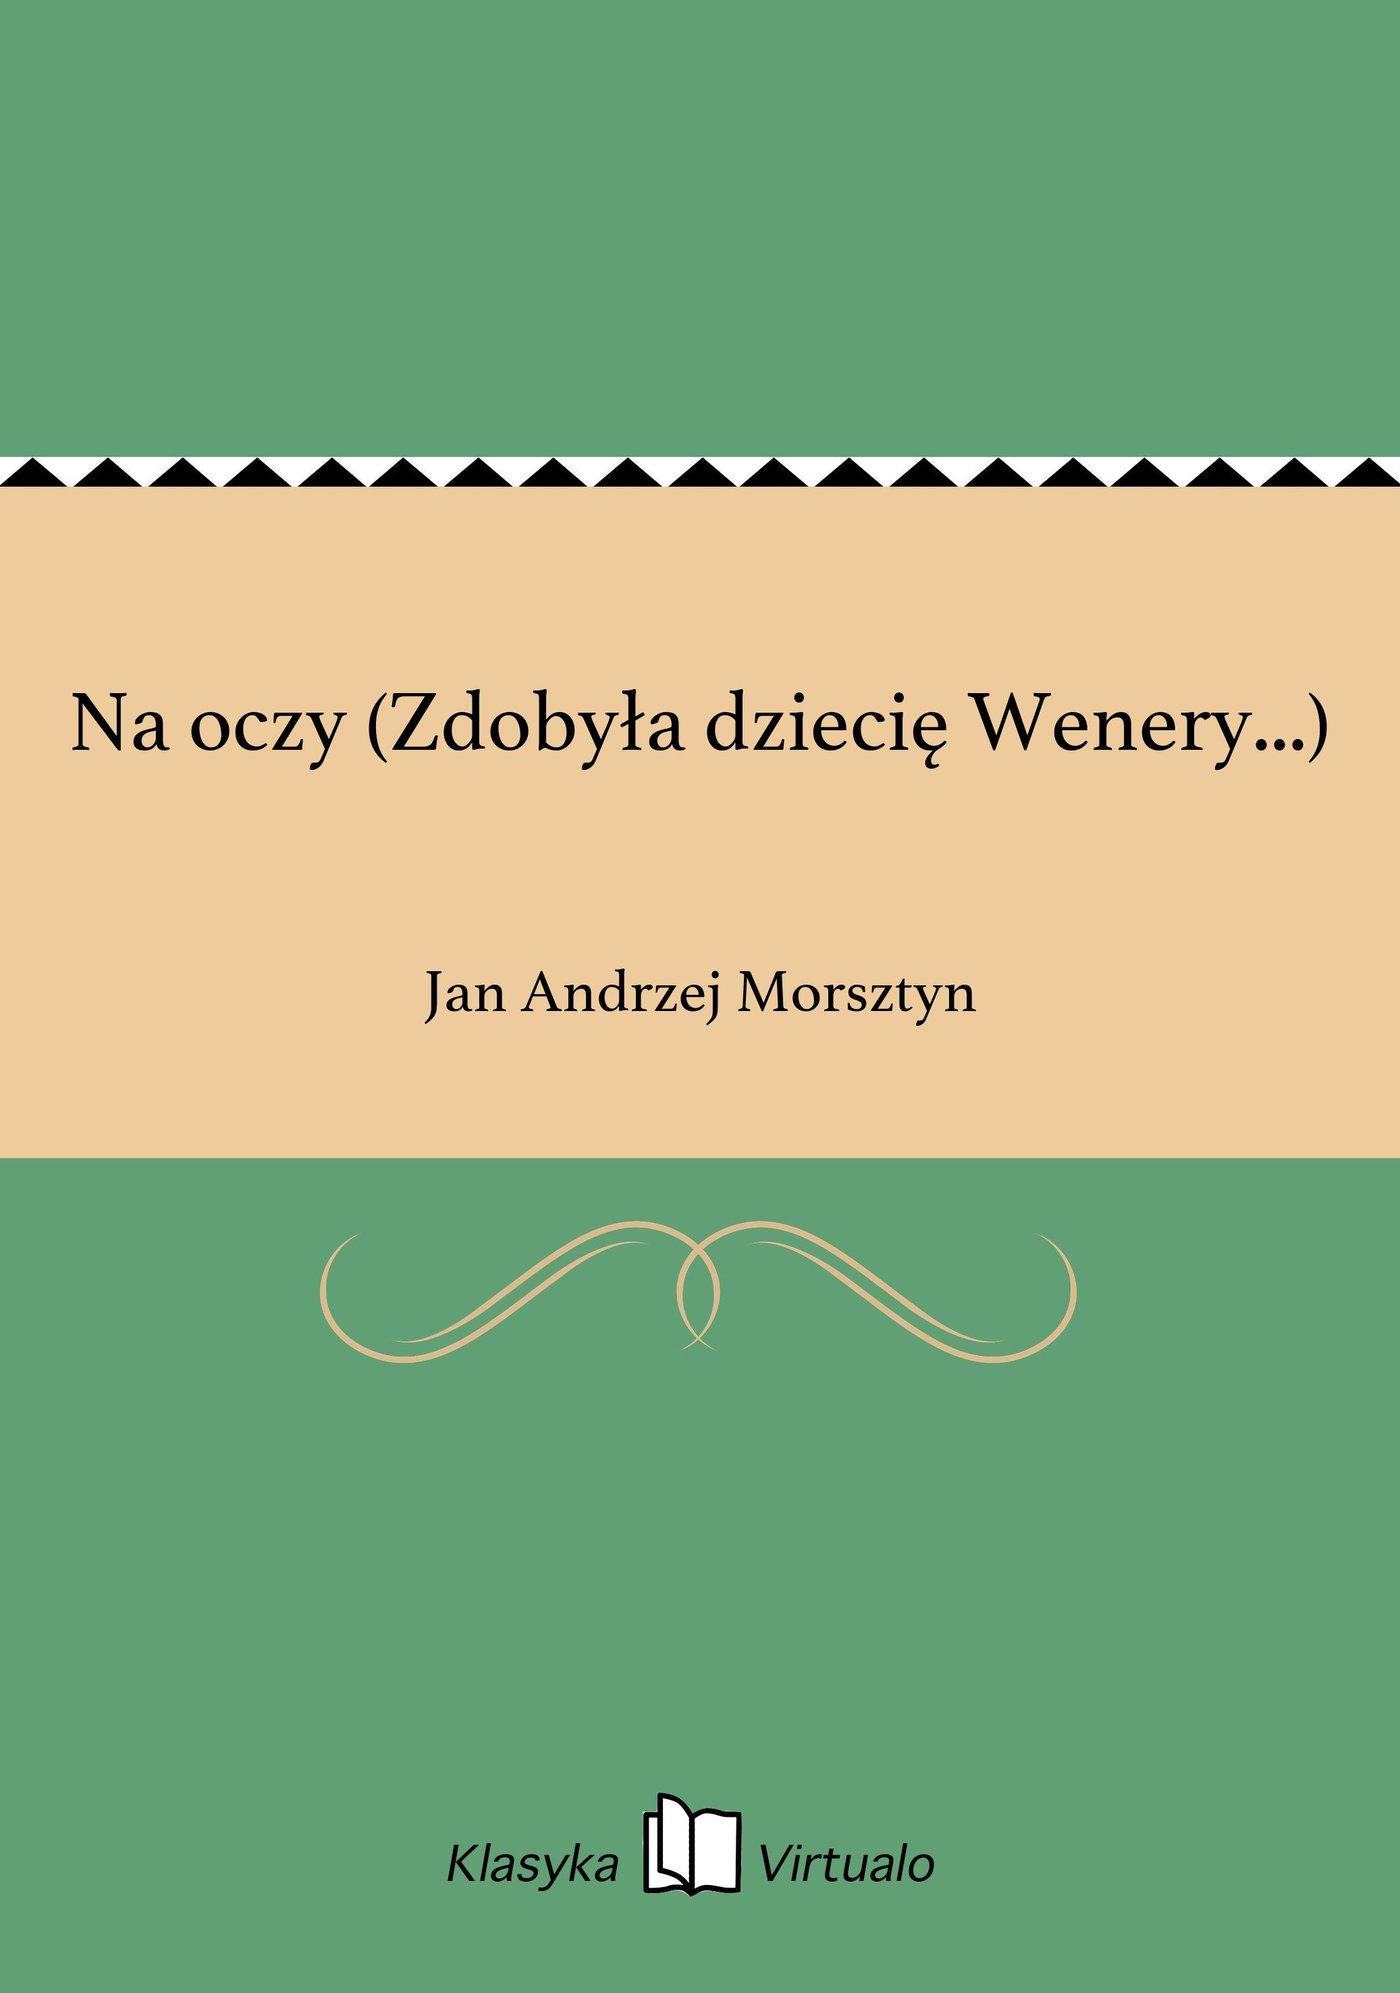 Na oczy (Zdobyła dziecię Wenery...) - Ebook (Książka EPUB) do pobrania w formacie EPUB